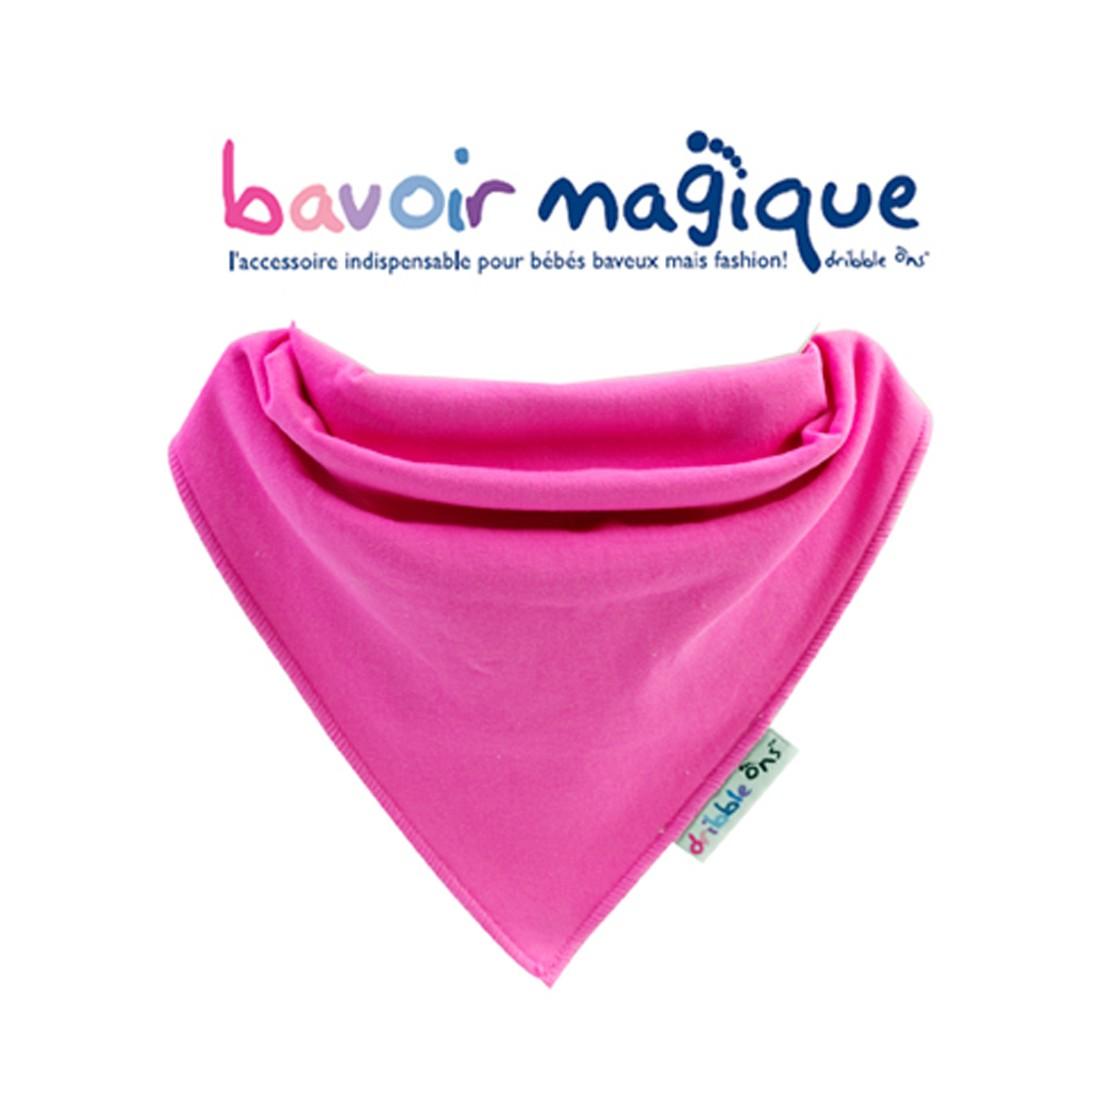 Bavoir - Bandana pour bébés baveux - bavoir magique - fushia